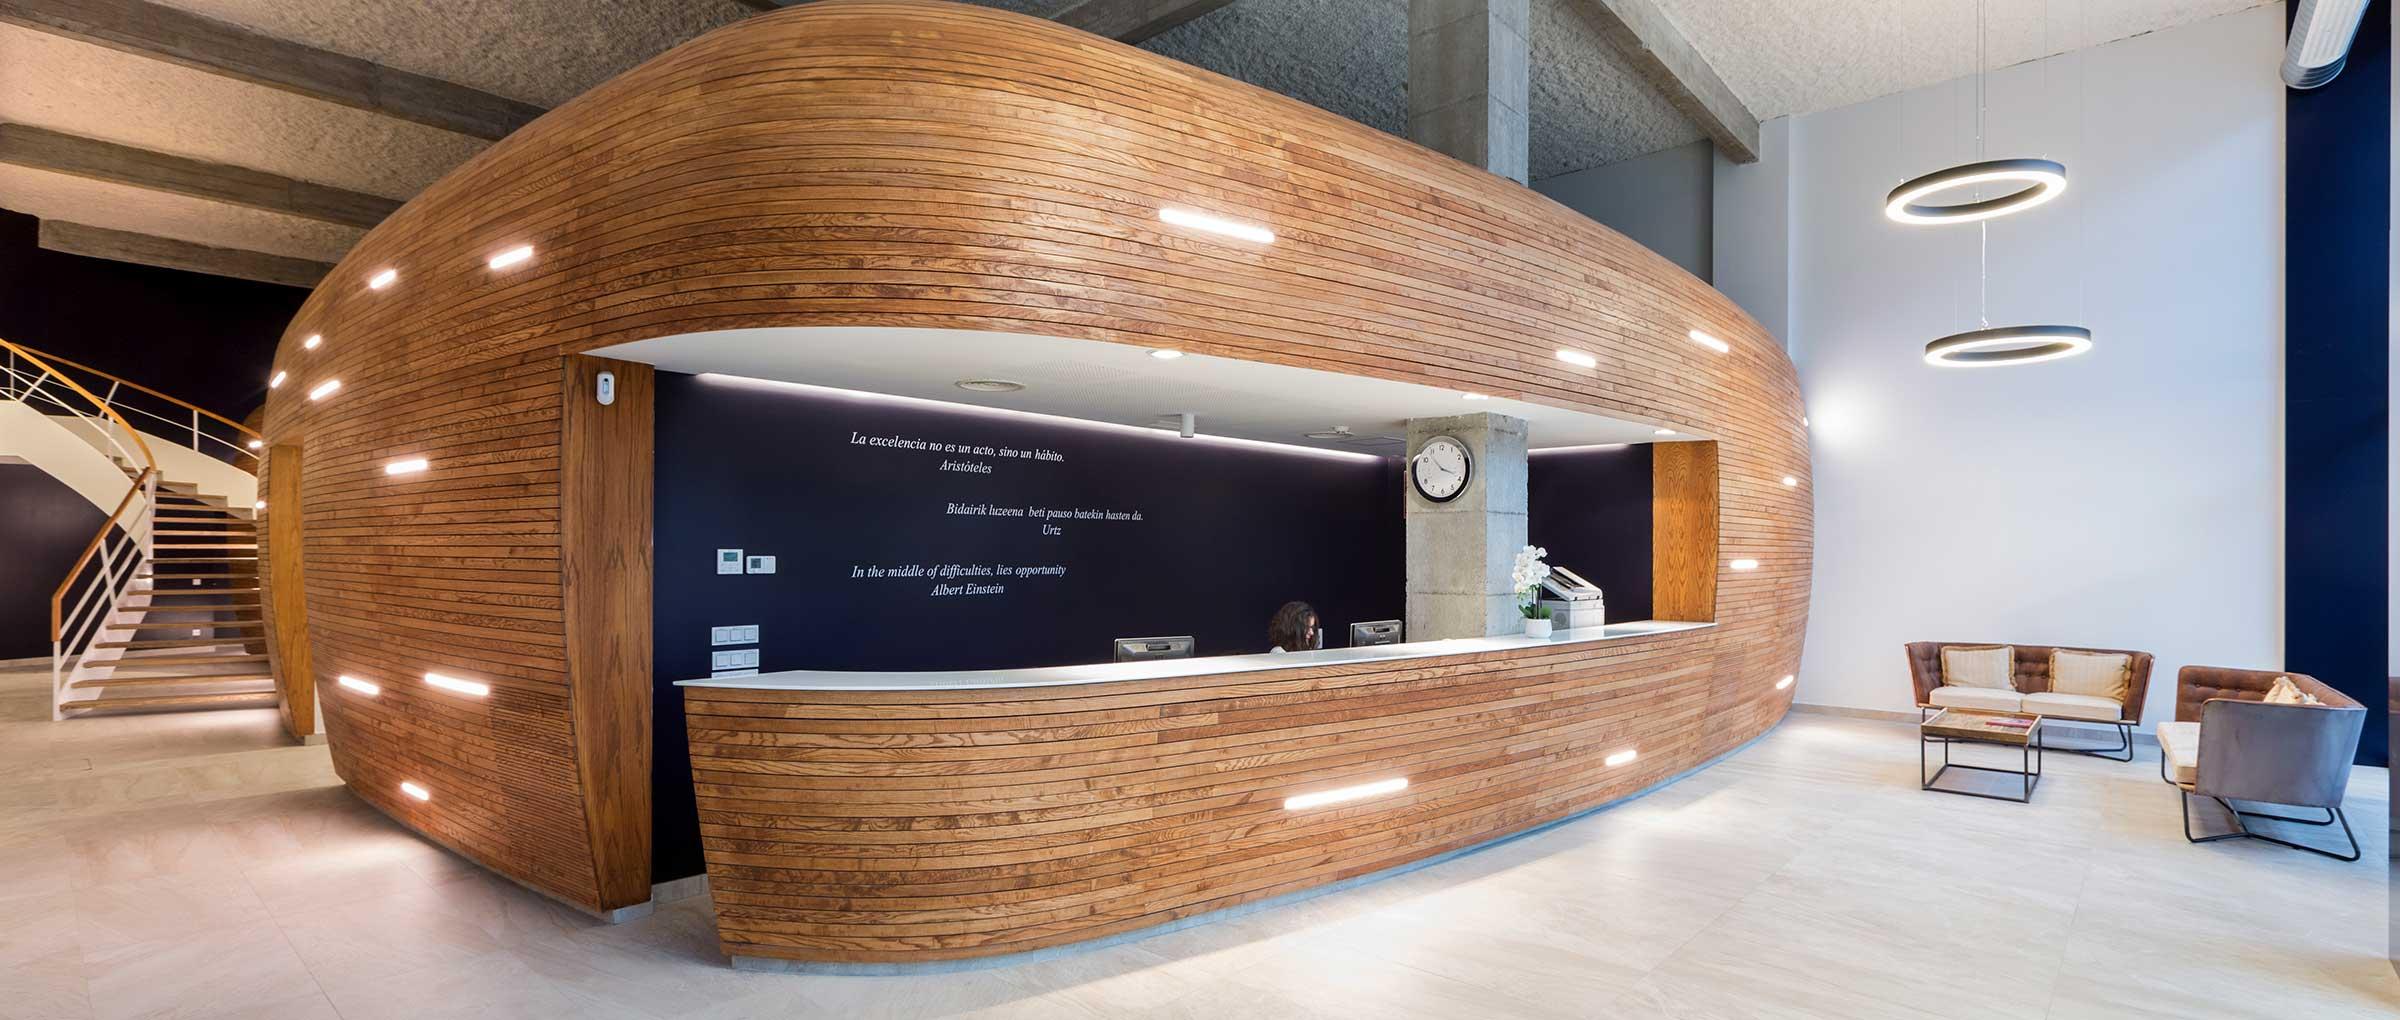 Instalaciones de Reproducción Bilbao